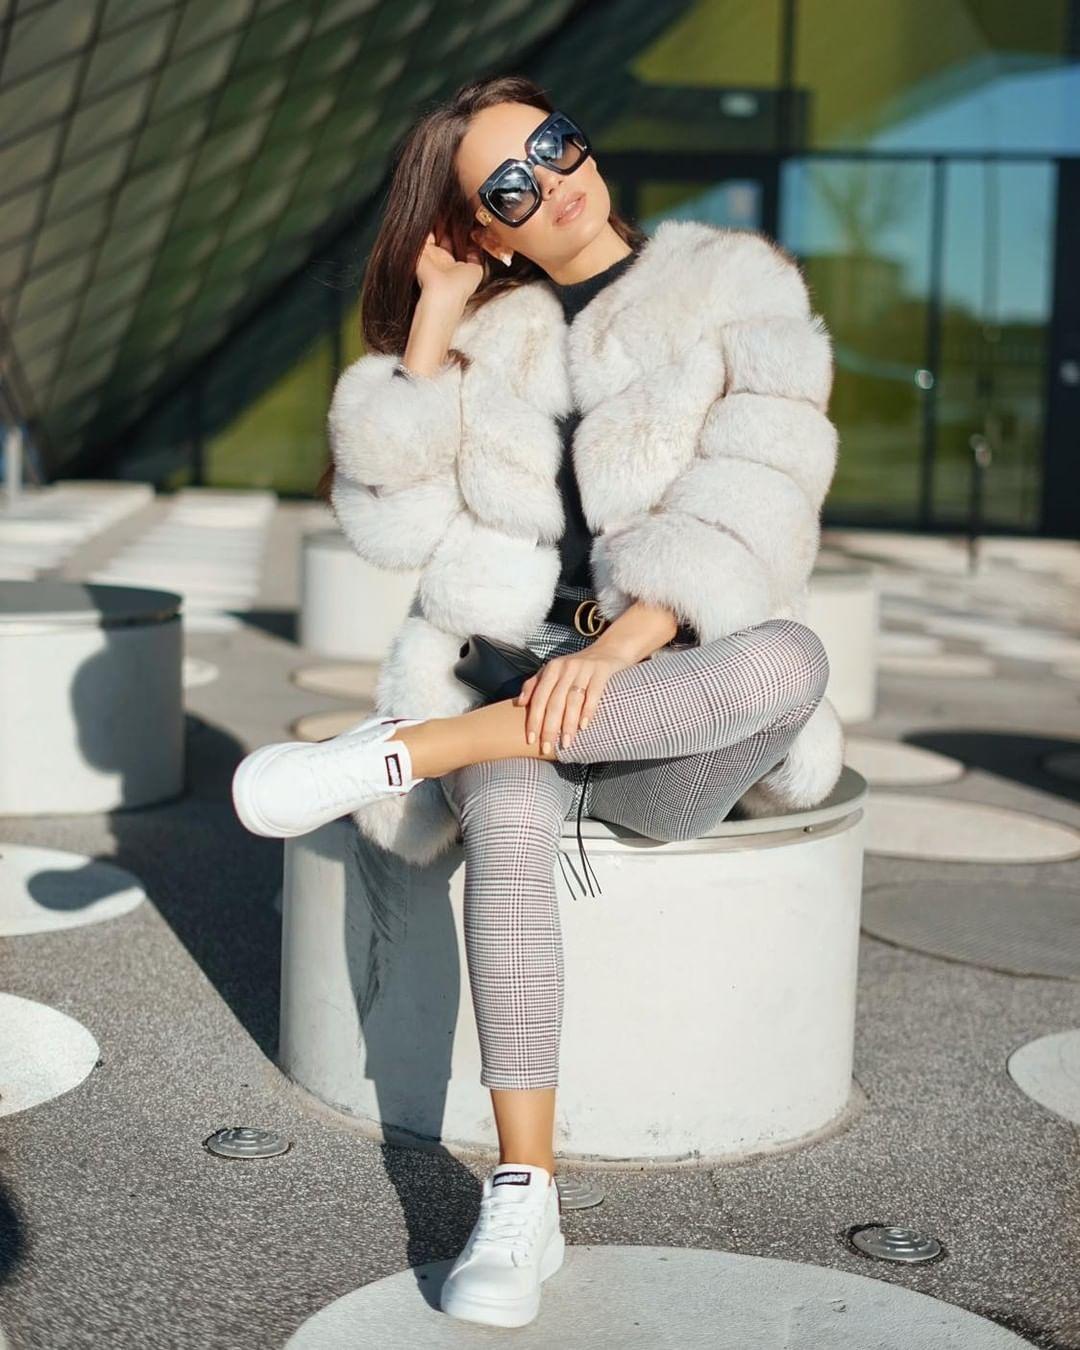 madelyn-white-veronika_klimovits-4